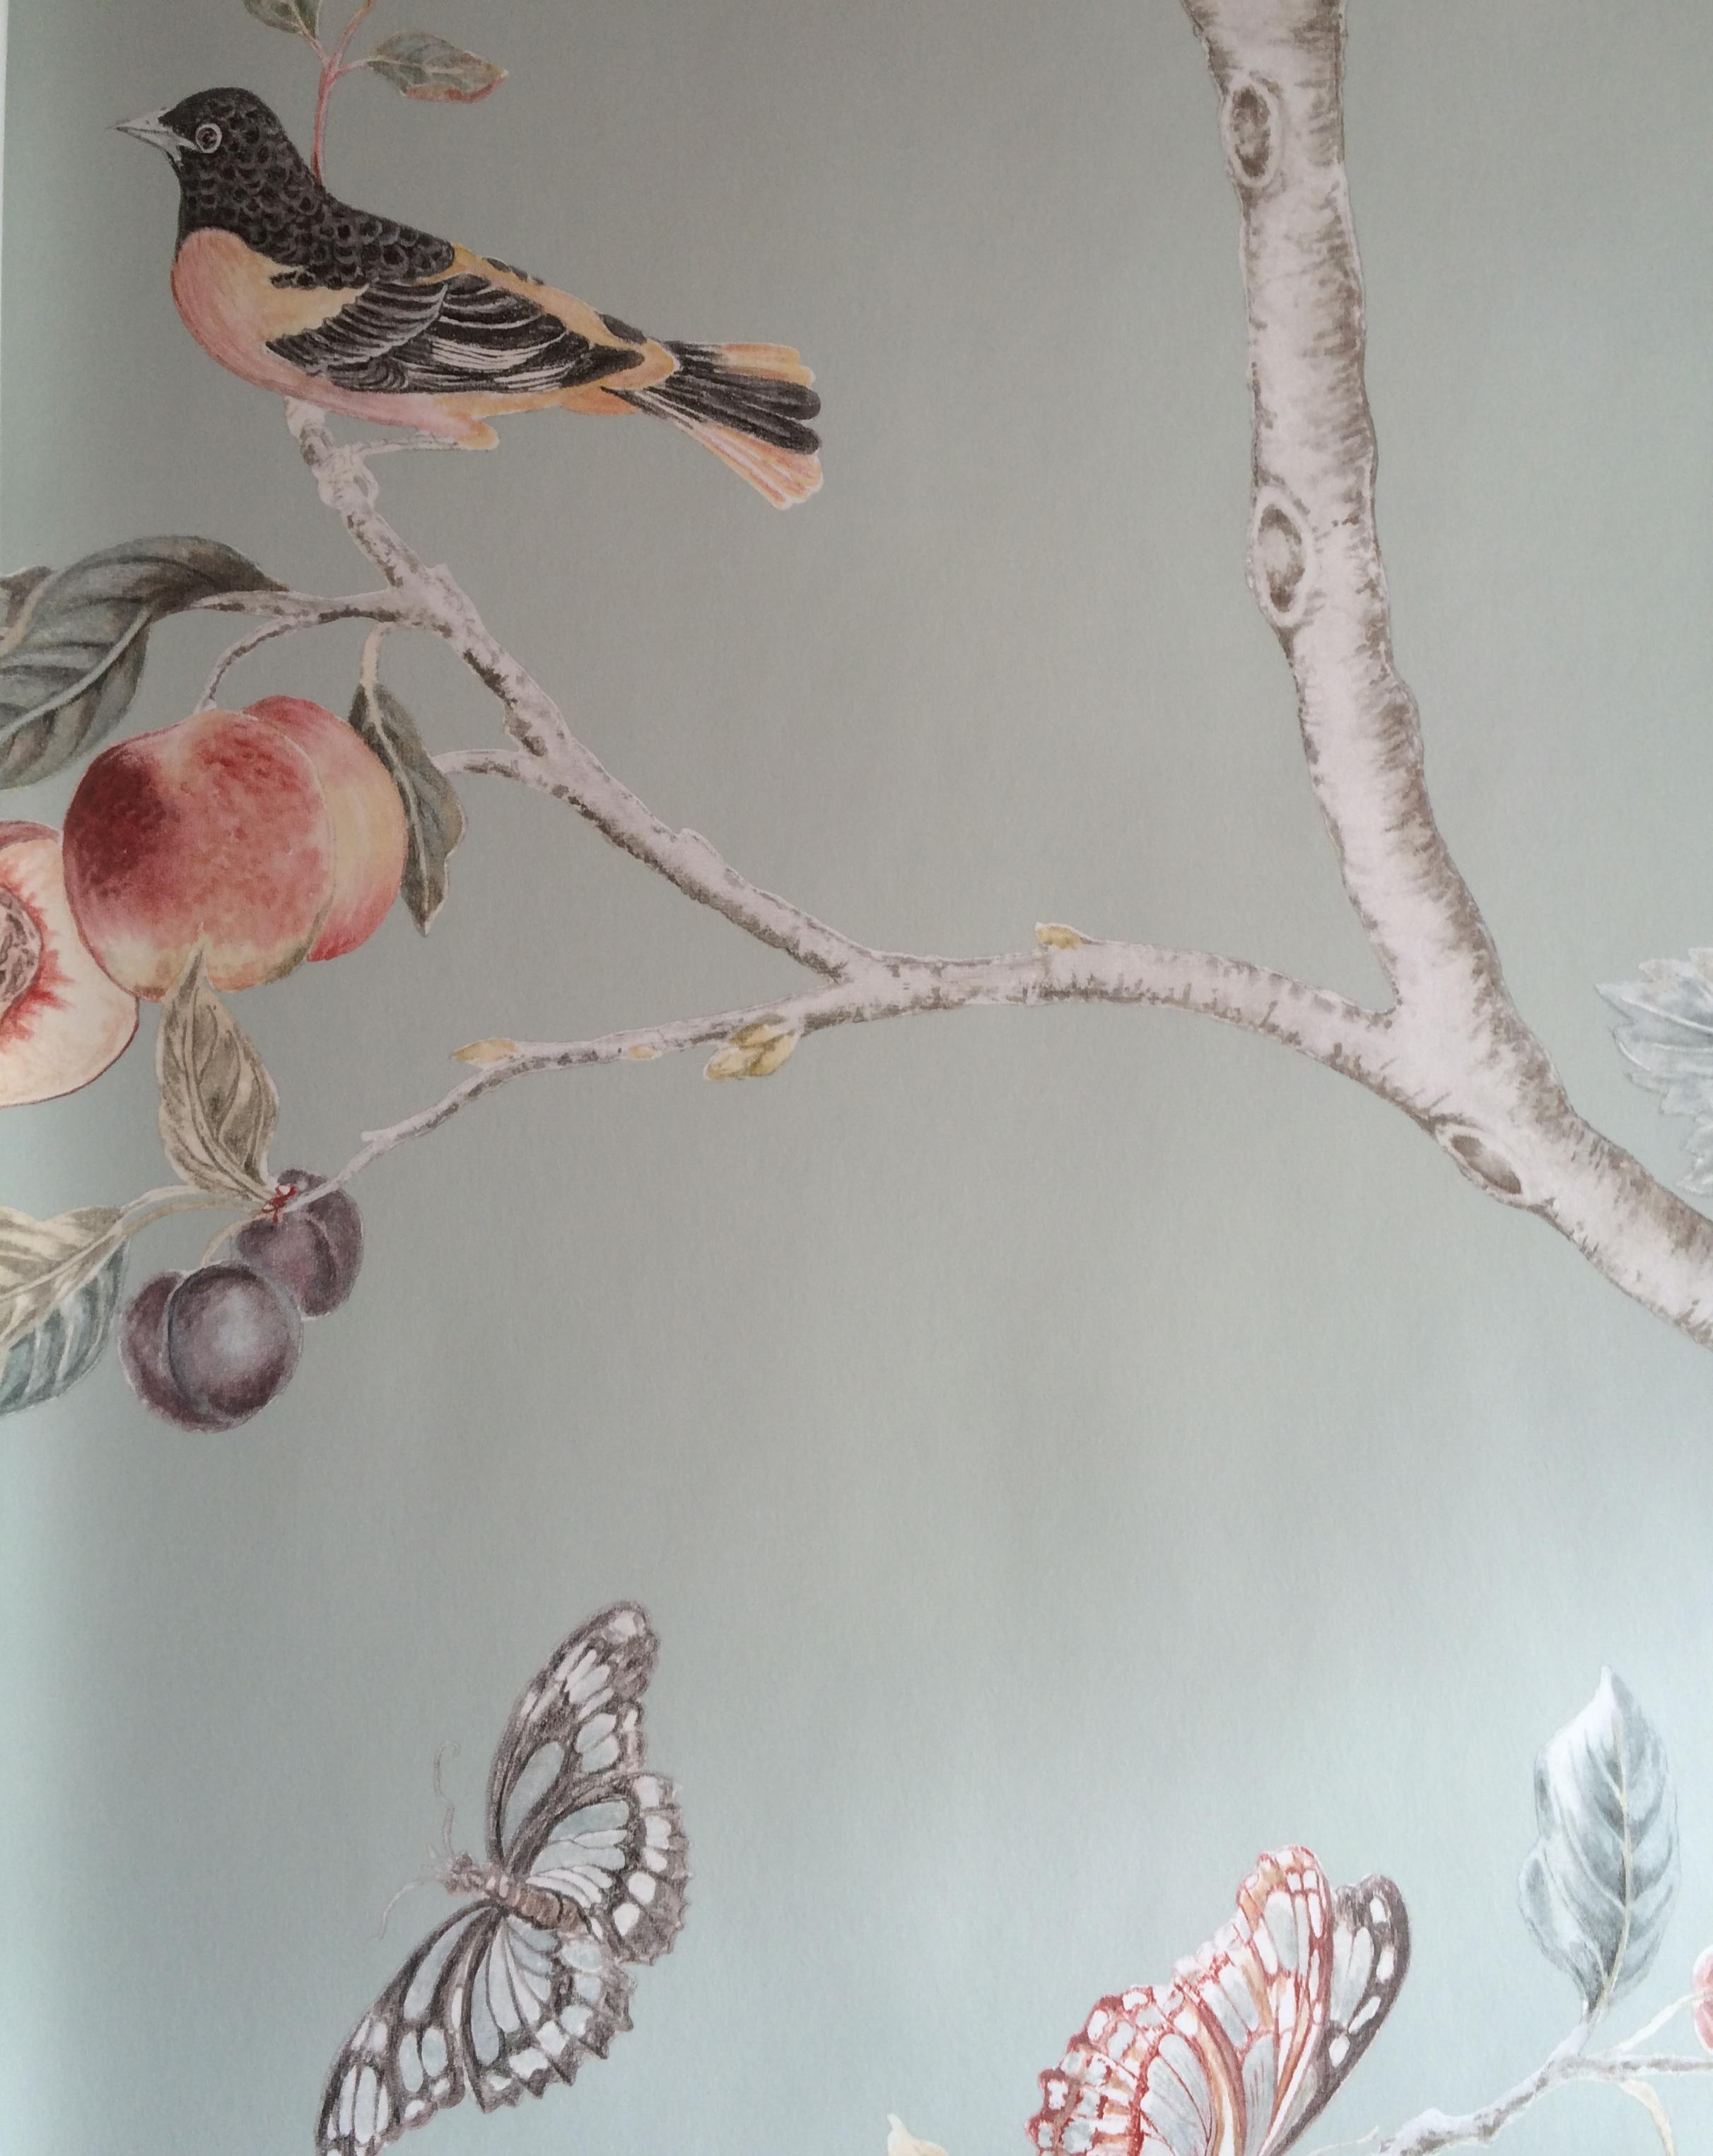 Fruit Aviary wallaper